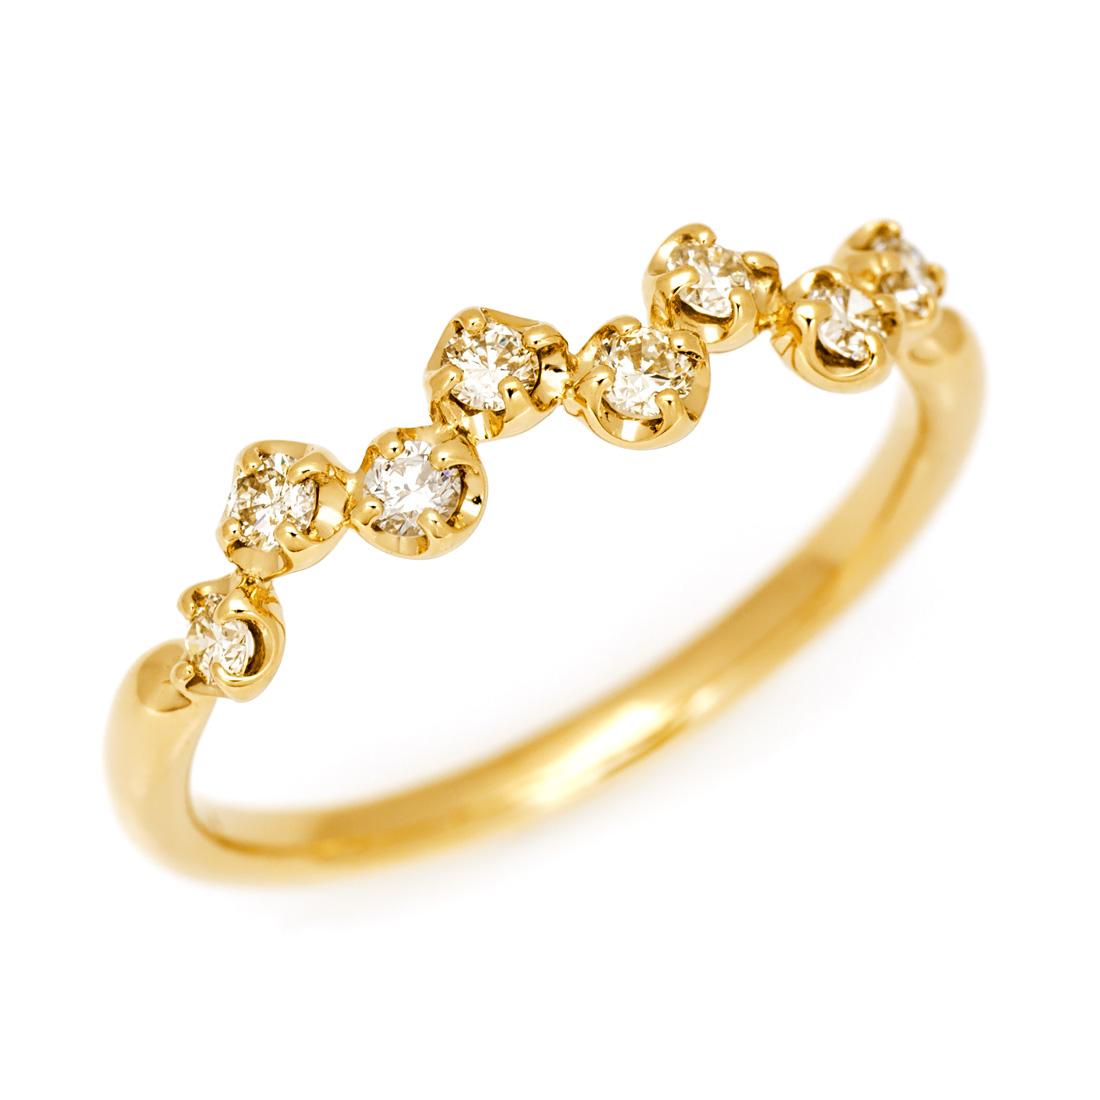 【GWクーポン配布中】K18 ダイヤモンドリング 「stellato」送料無料 指輪 ダイアモンド ゴールド 18K 18金 誕生日 4月誕生石 刻印 文字入れ メッセージ ギフト 贈り物 ピンキーリング対応可能